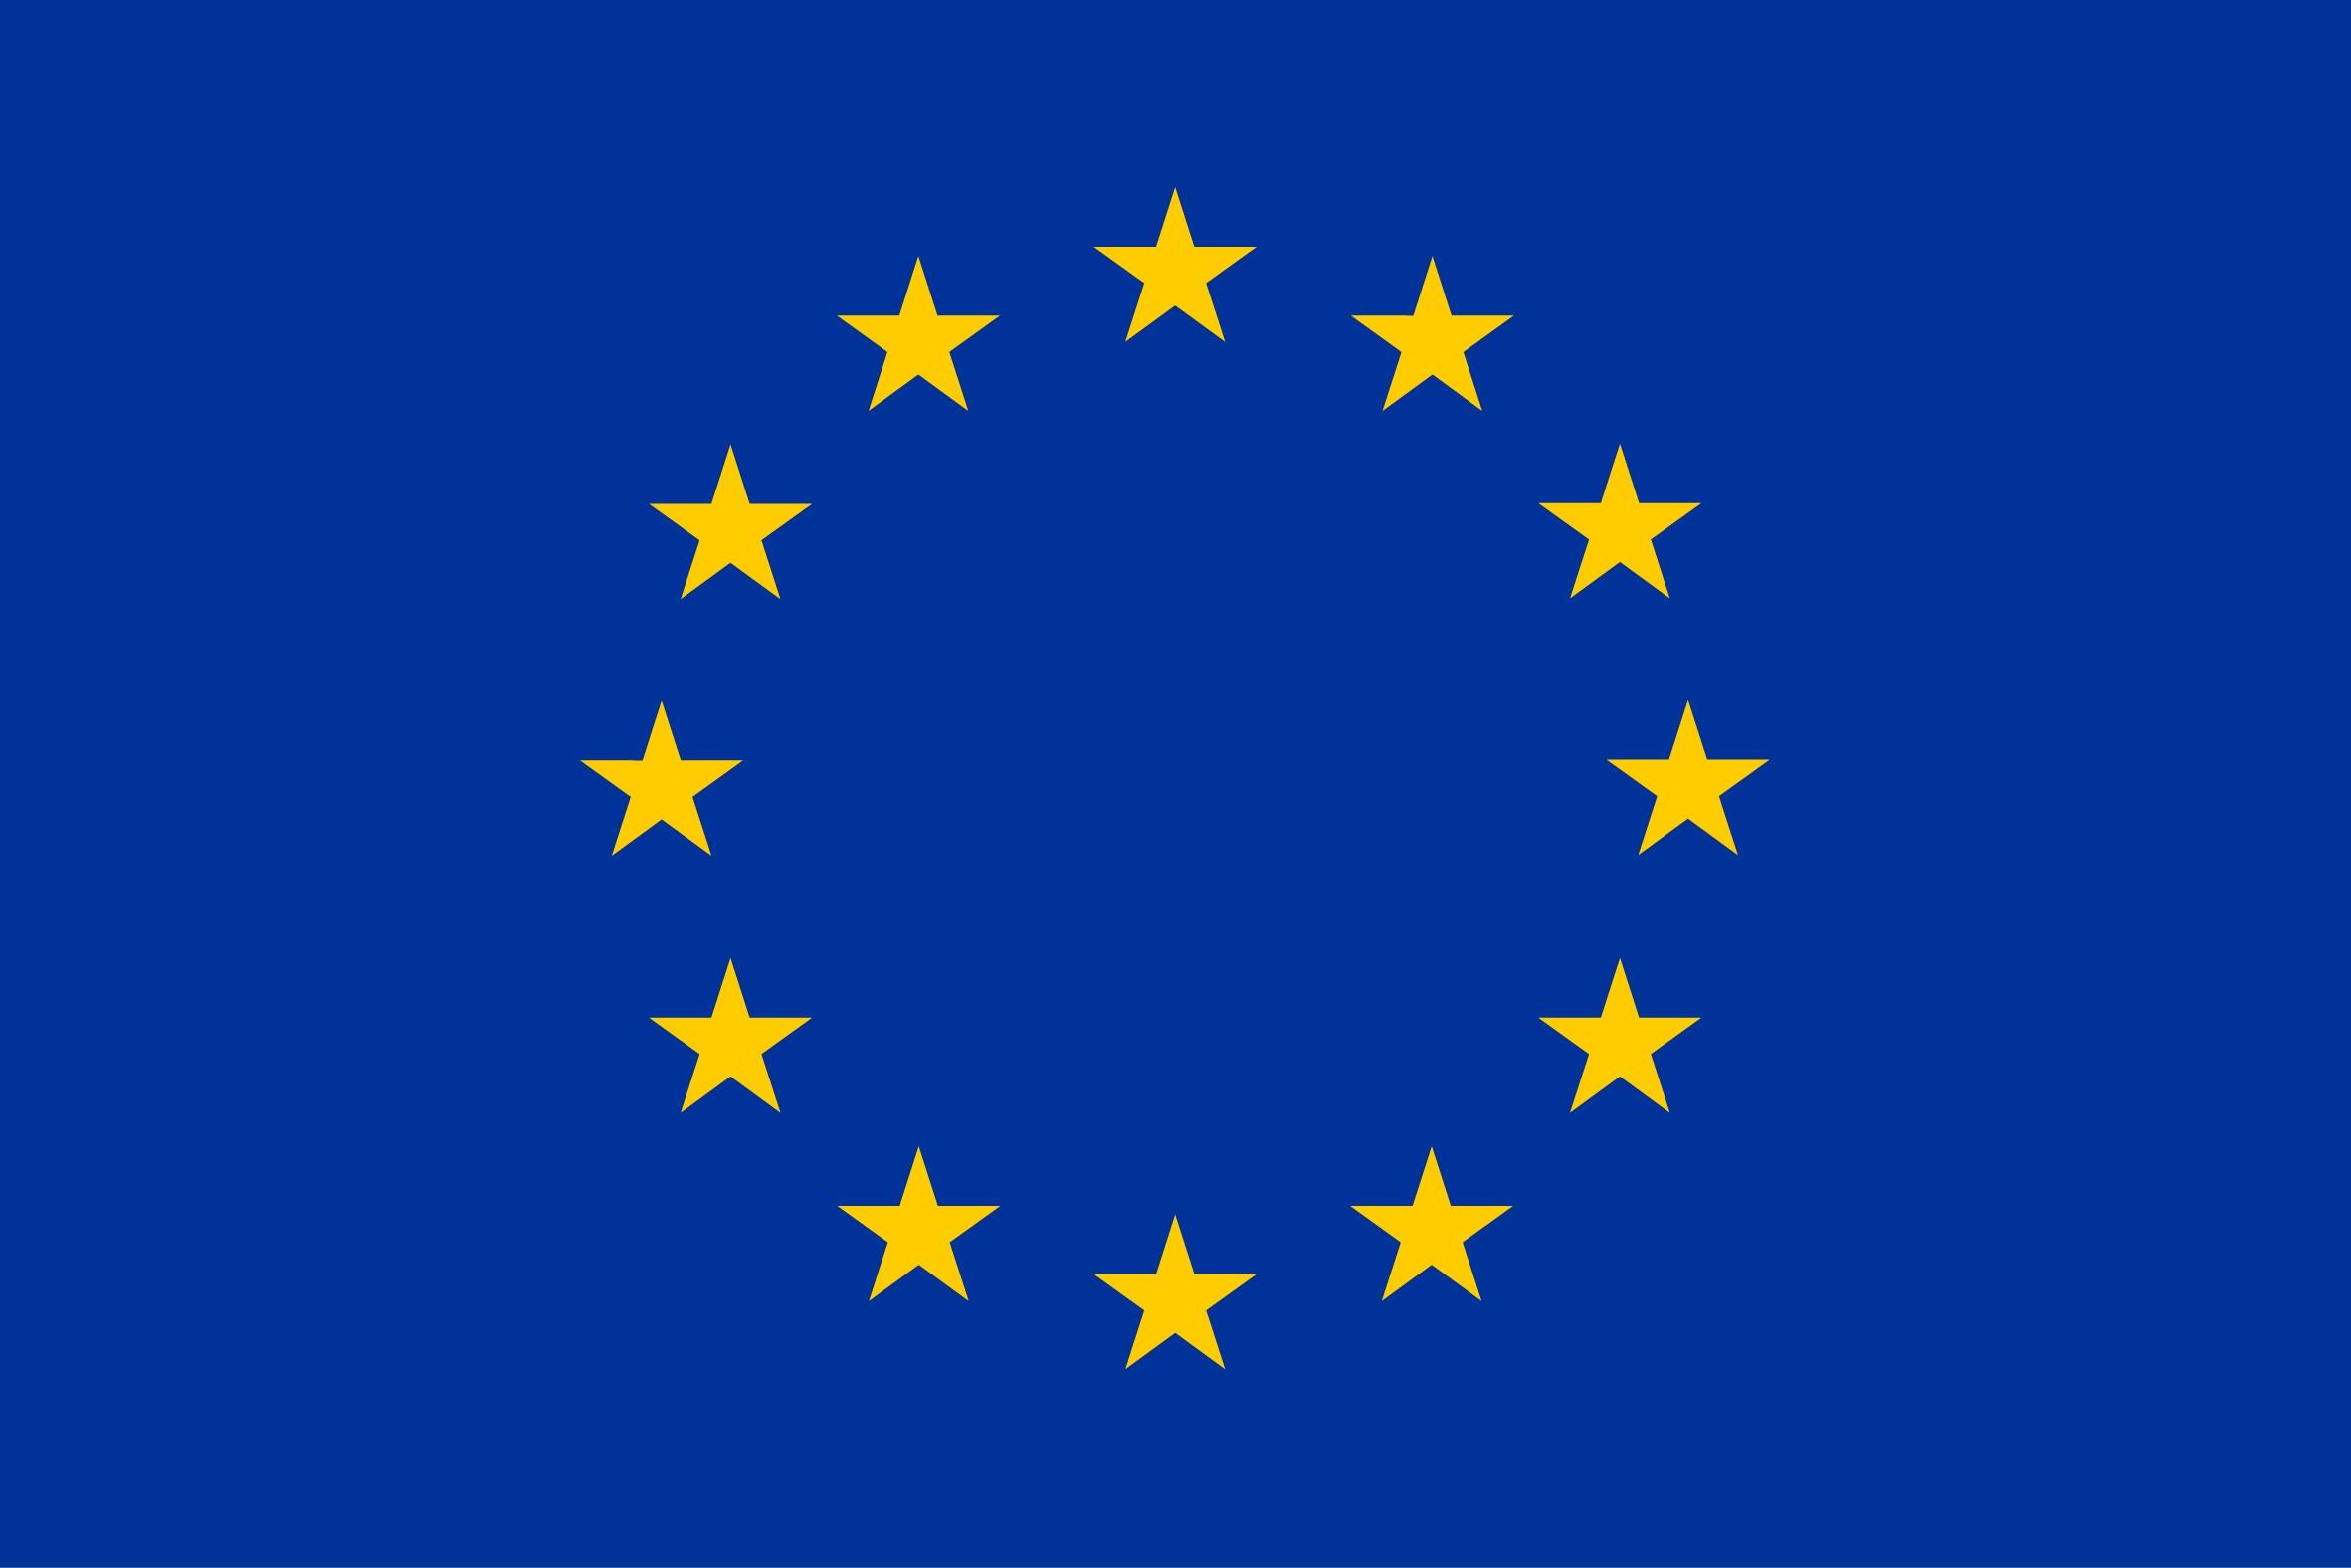 images/EU-flag.jpg